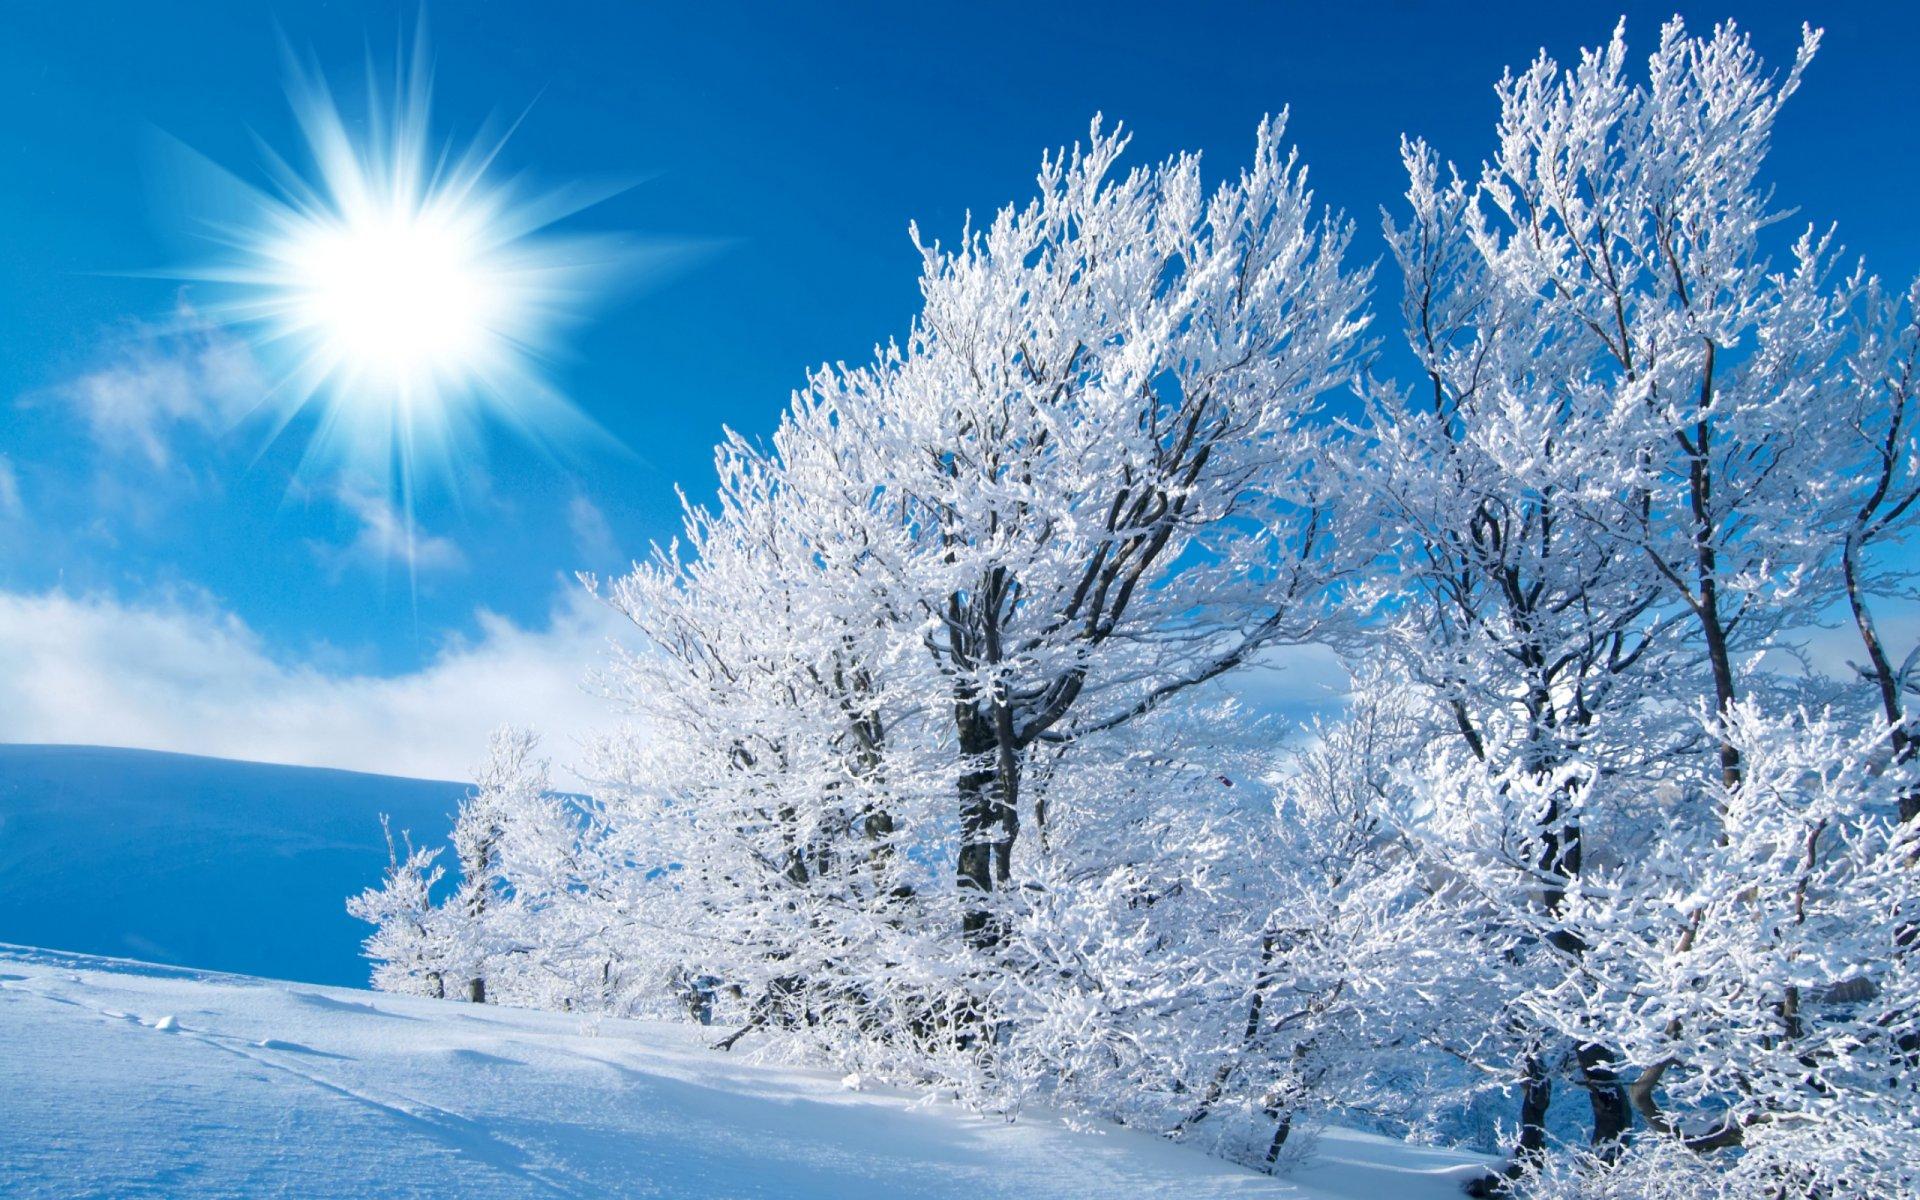 махровая картинка на экран компьютера зима добраться